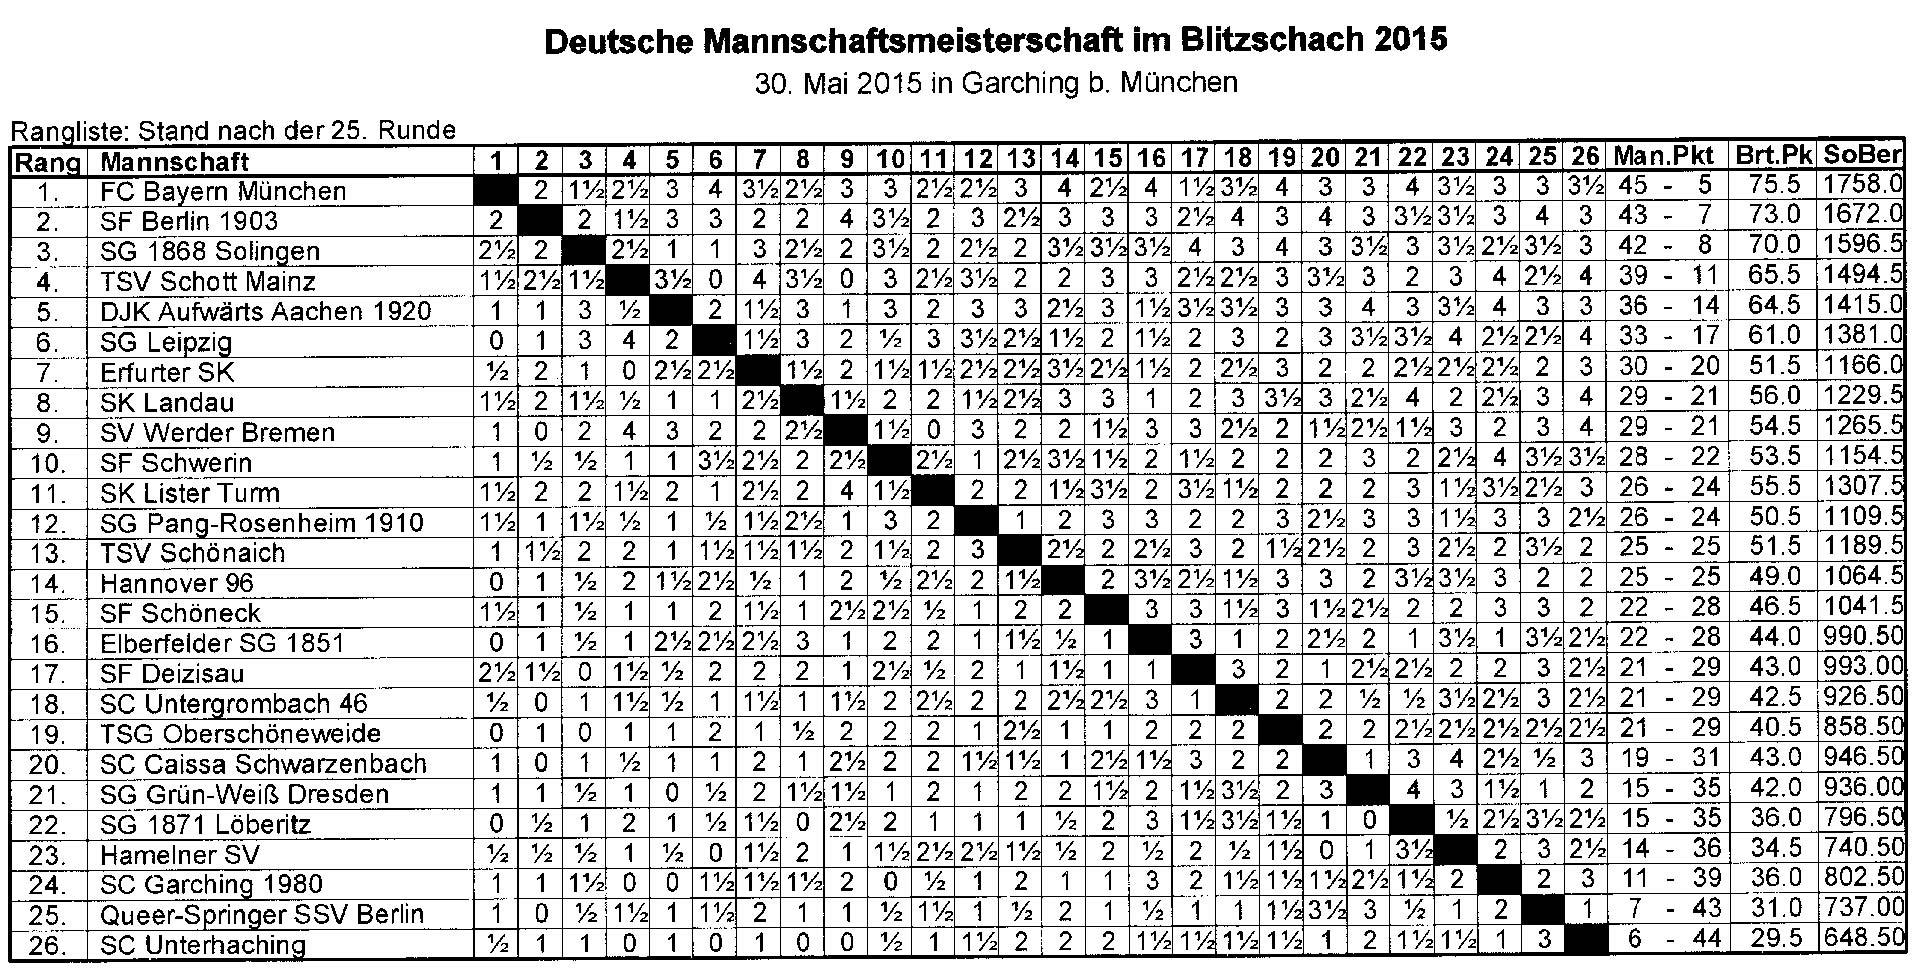 Die Abschlußtabelle der deutschen Blitzschachmeisterschaft für 4er-Mannschaften